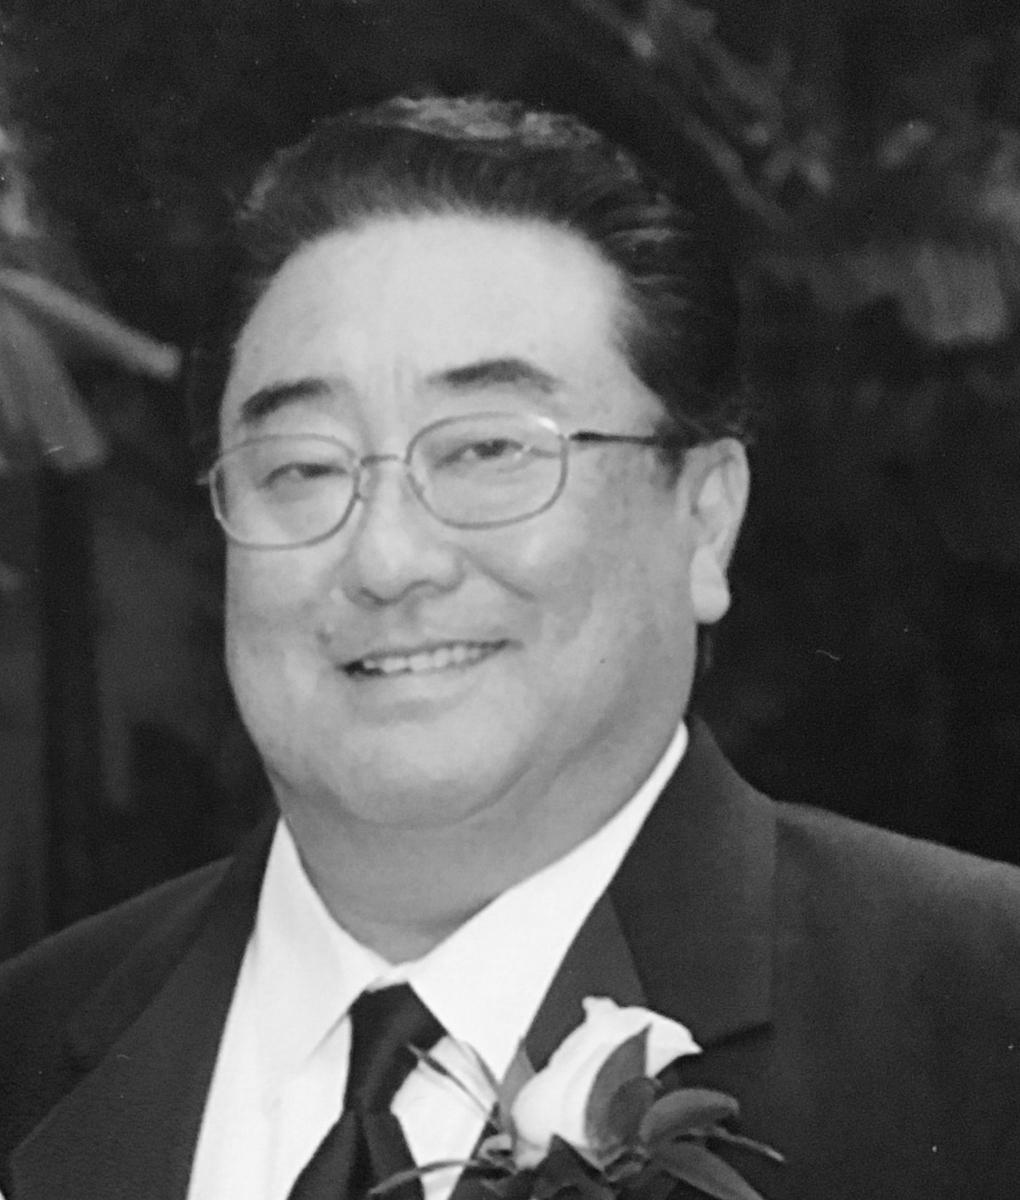 DENNIS SHIZUO ARIYOSHI